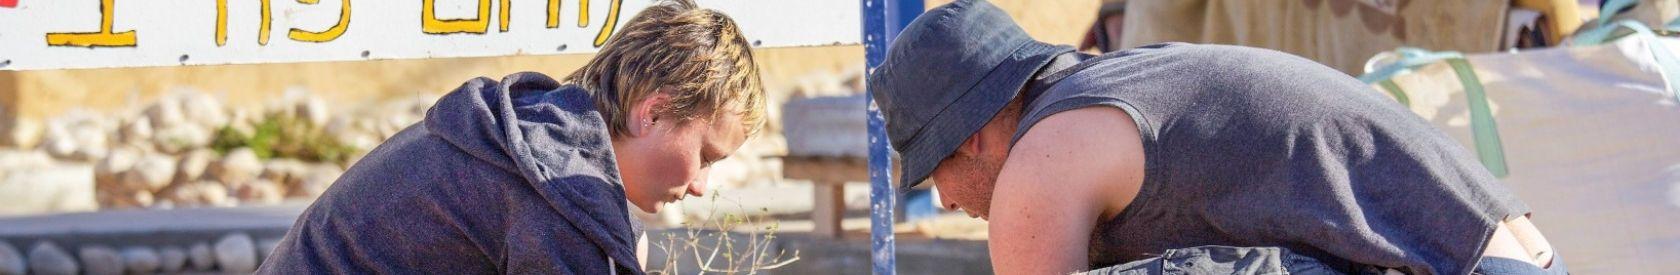 Ecologie : volontaires chrétiens en Israël